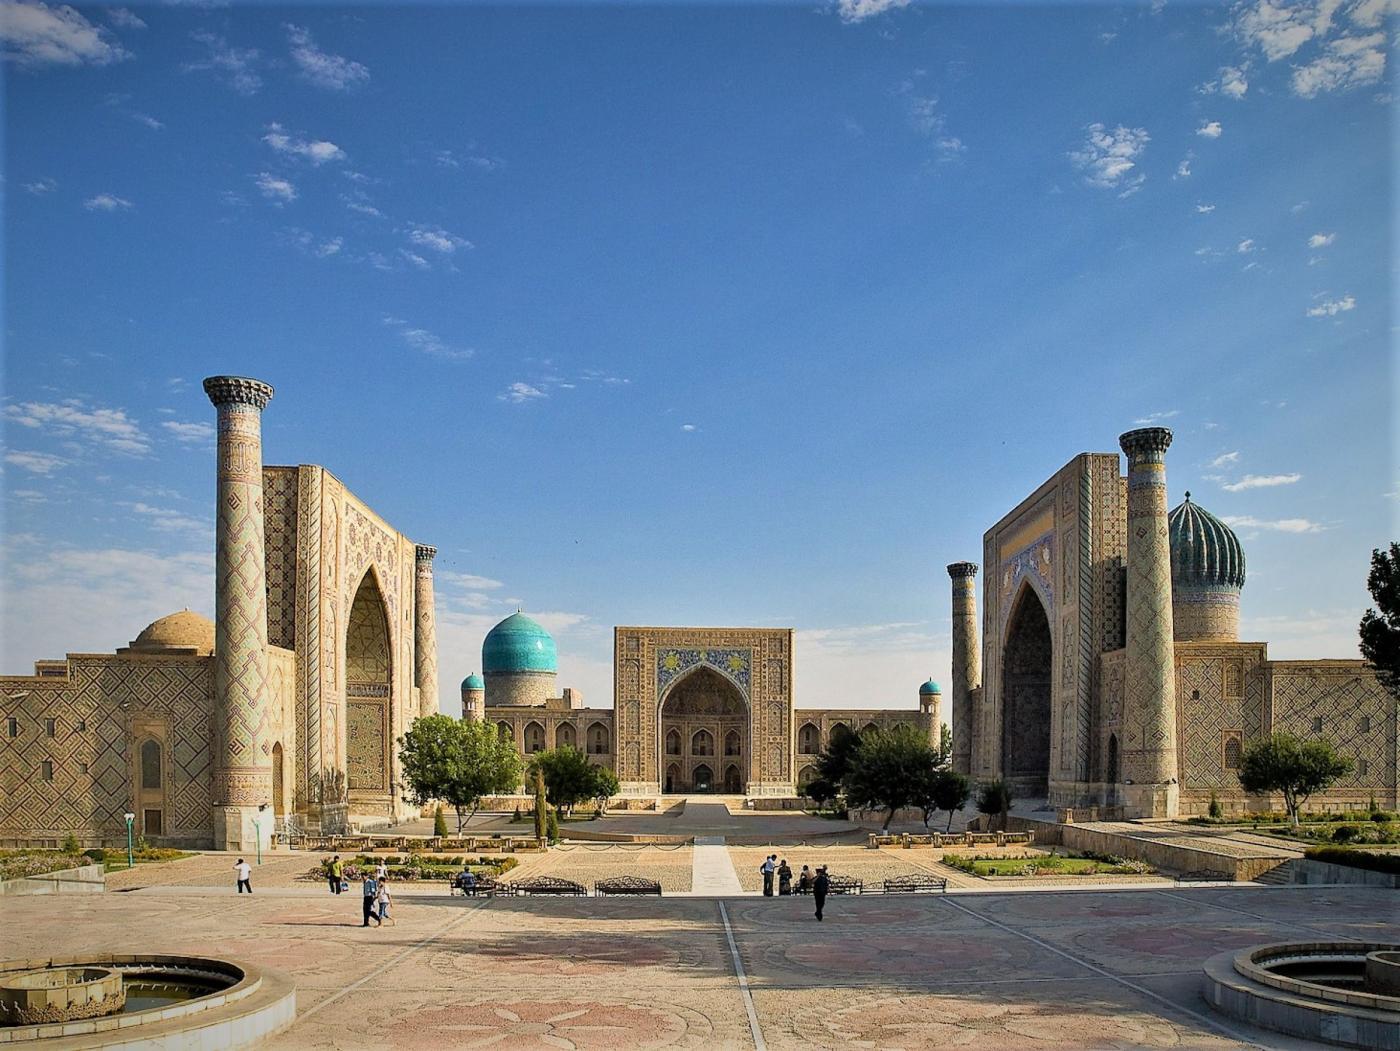 ГОРУП «Центр международных связей» информирует о возможности участия в белорусско-узбекском летнем студенческом лагере